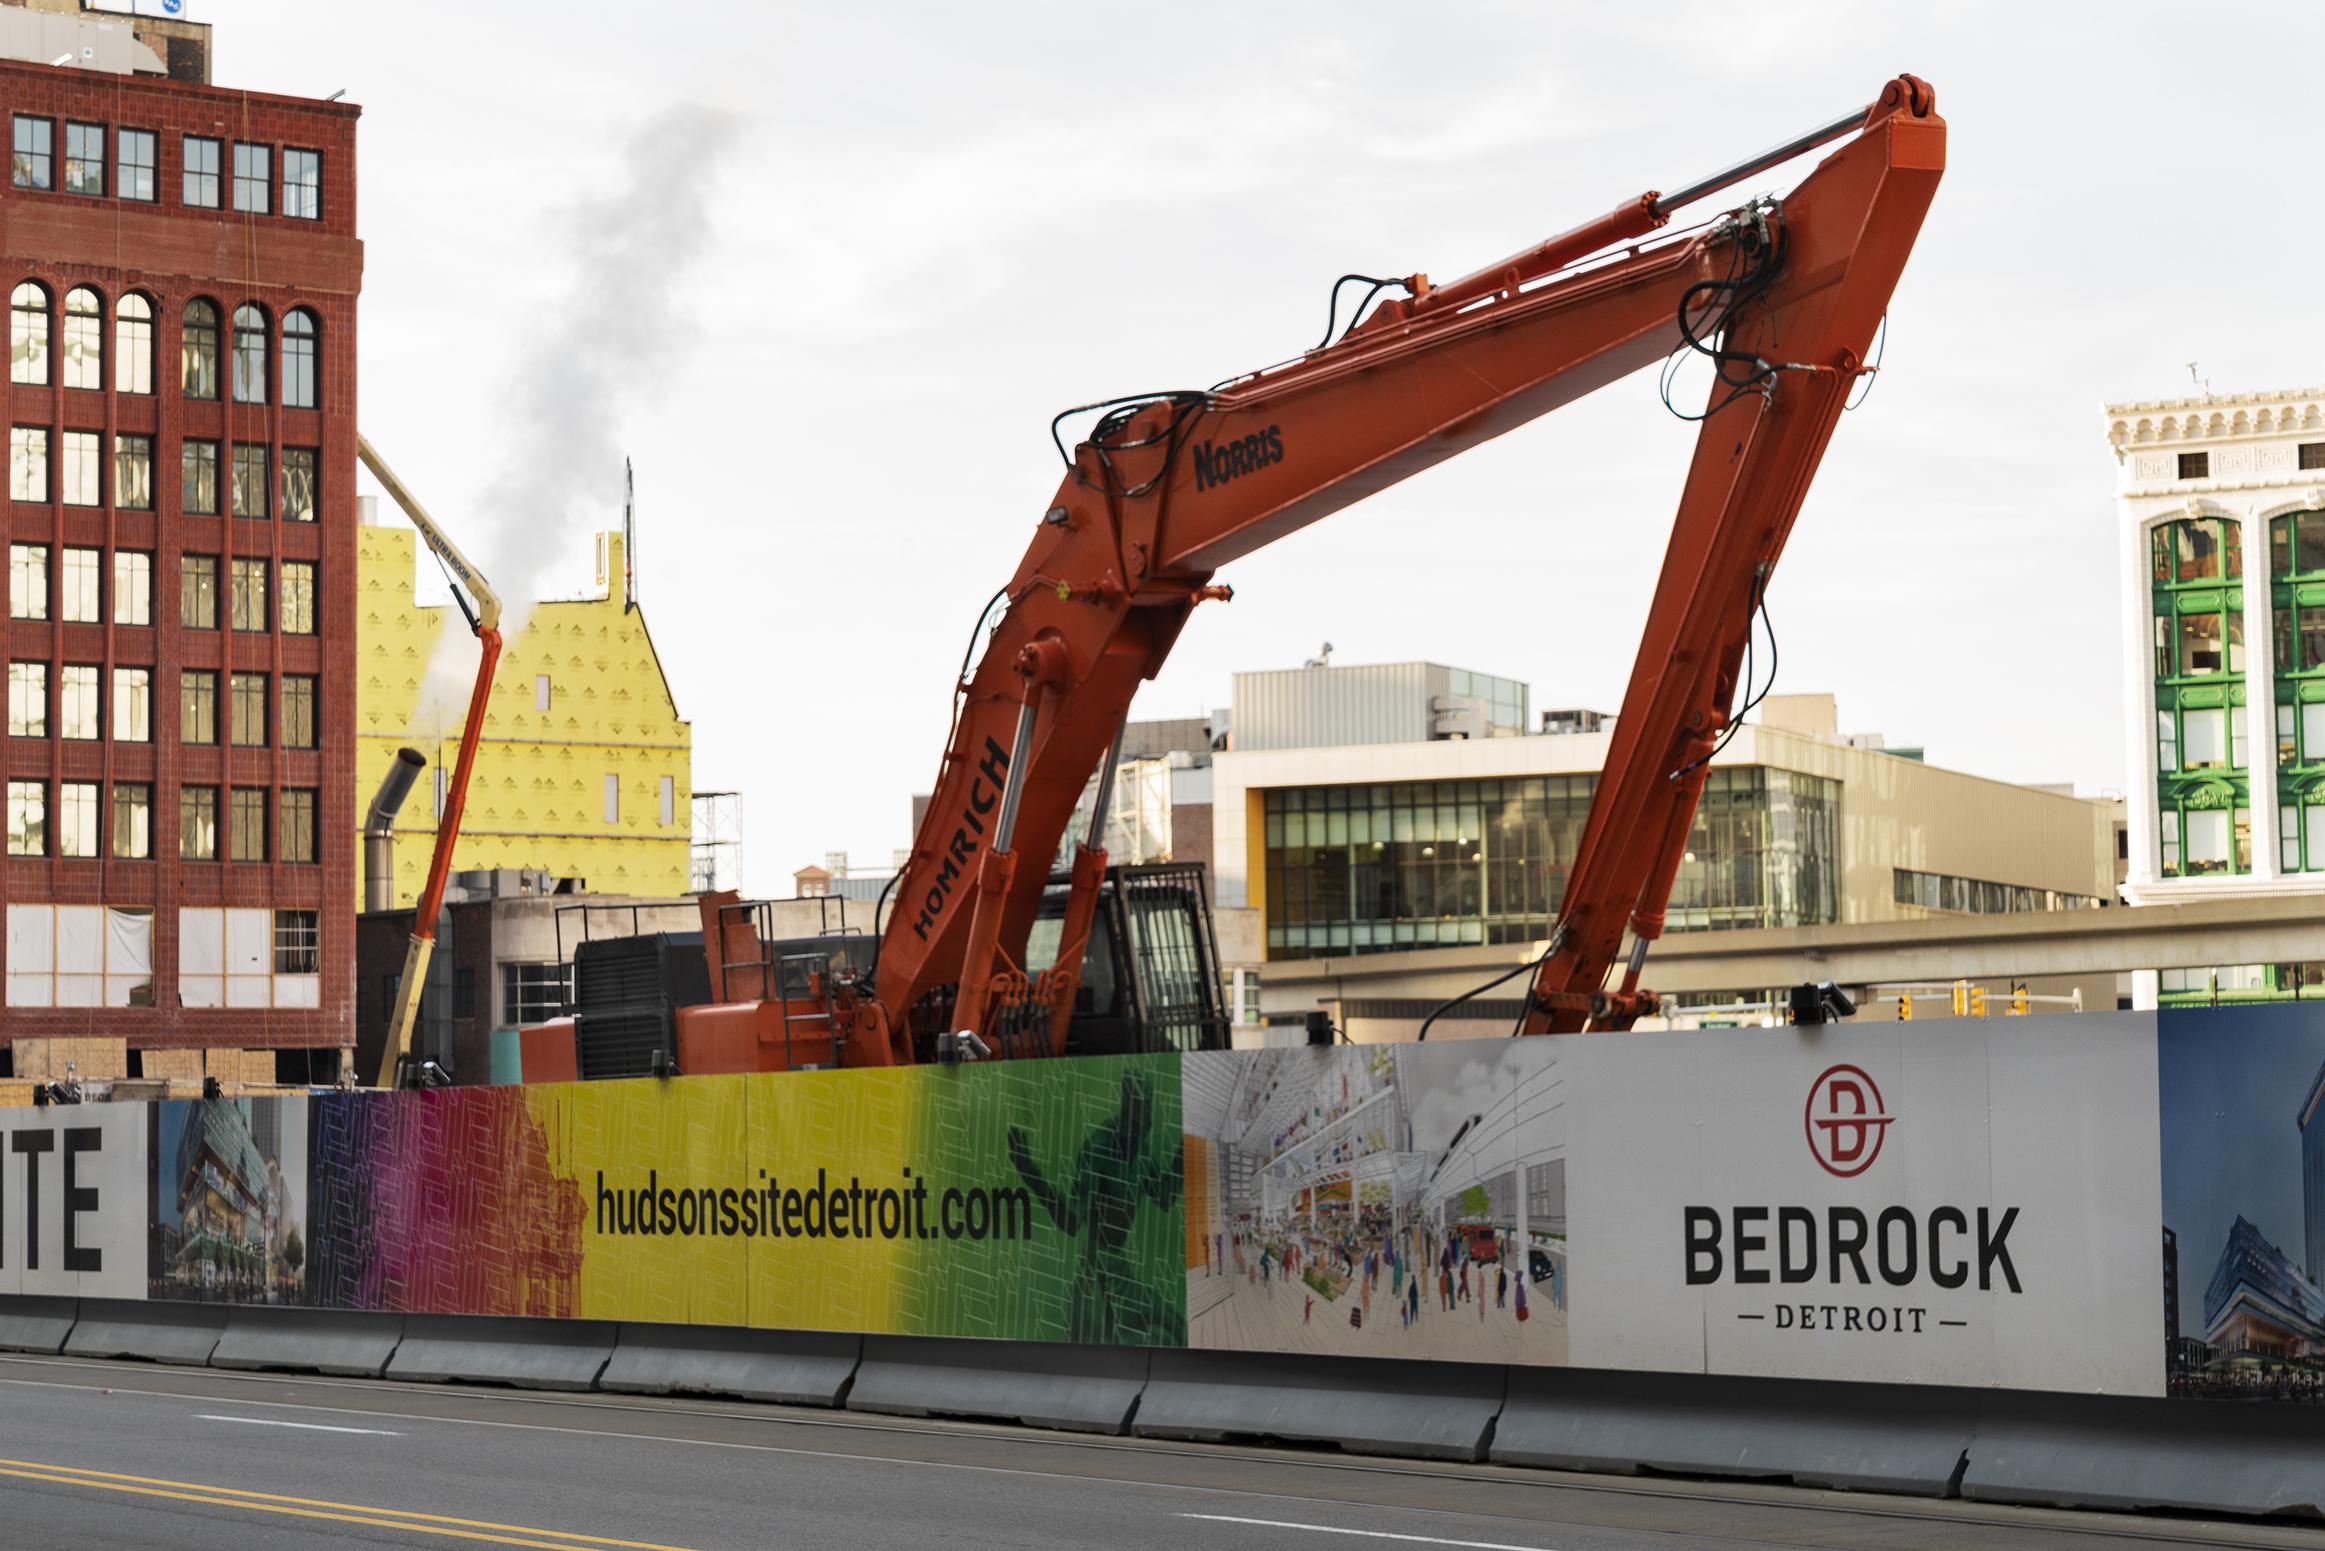 Bedrock Site, Detroit 2018